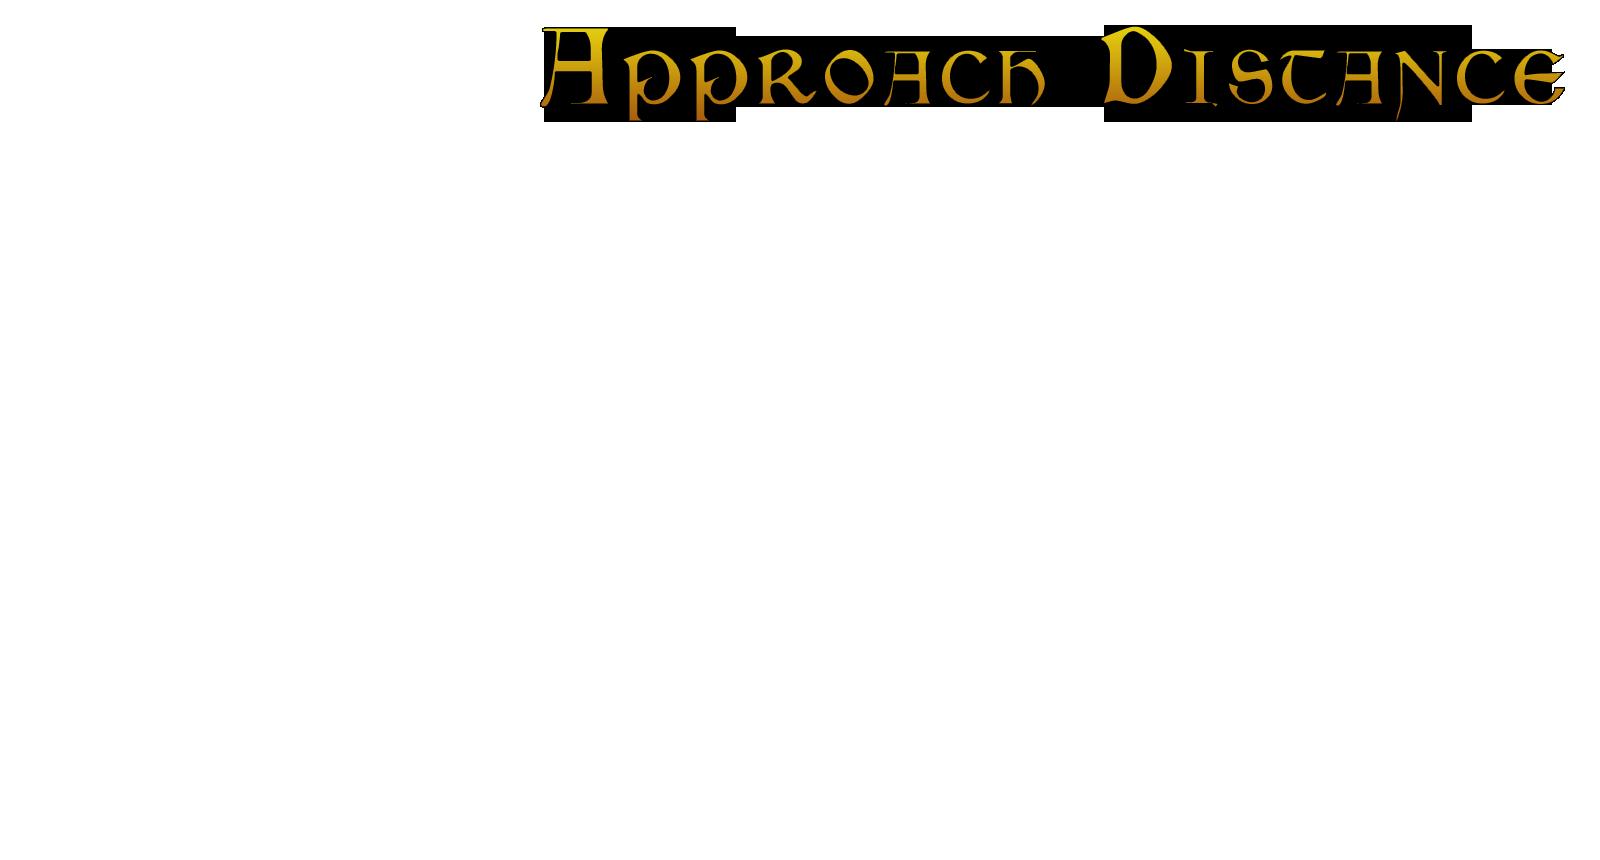 approachDistance